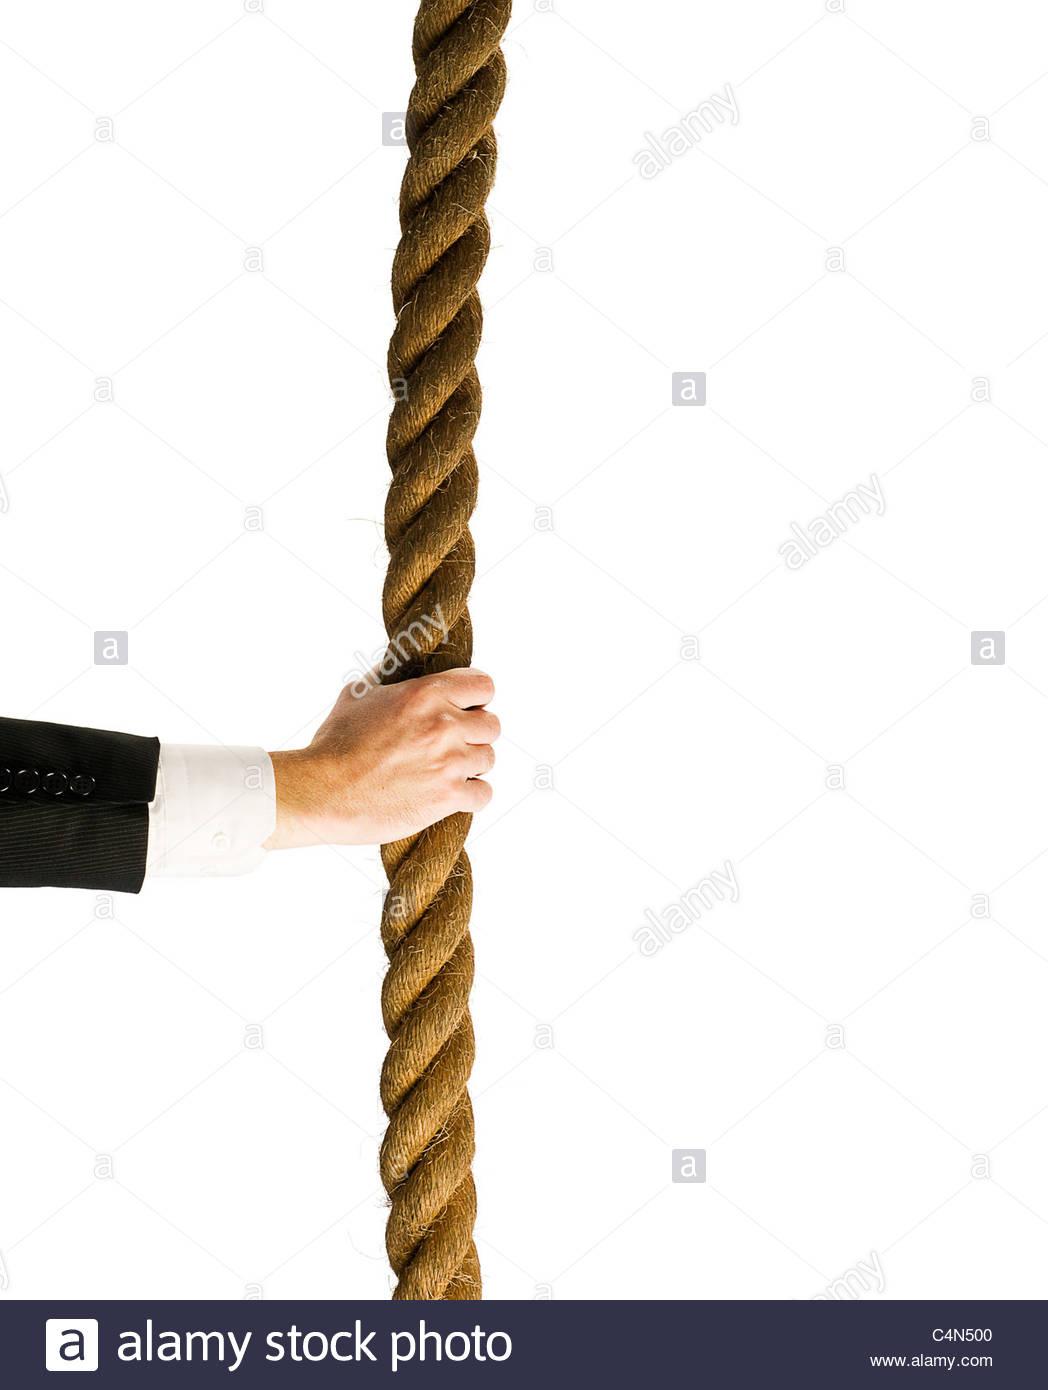 Seil greifen Stockfoto, Bild: 37344272 - Alamy